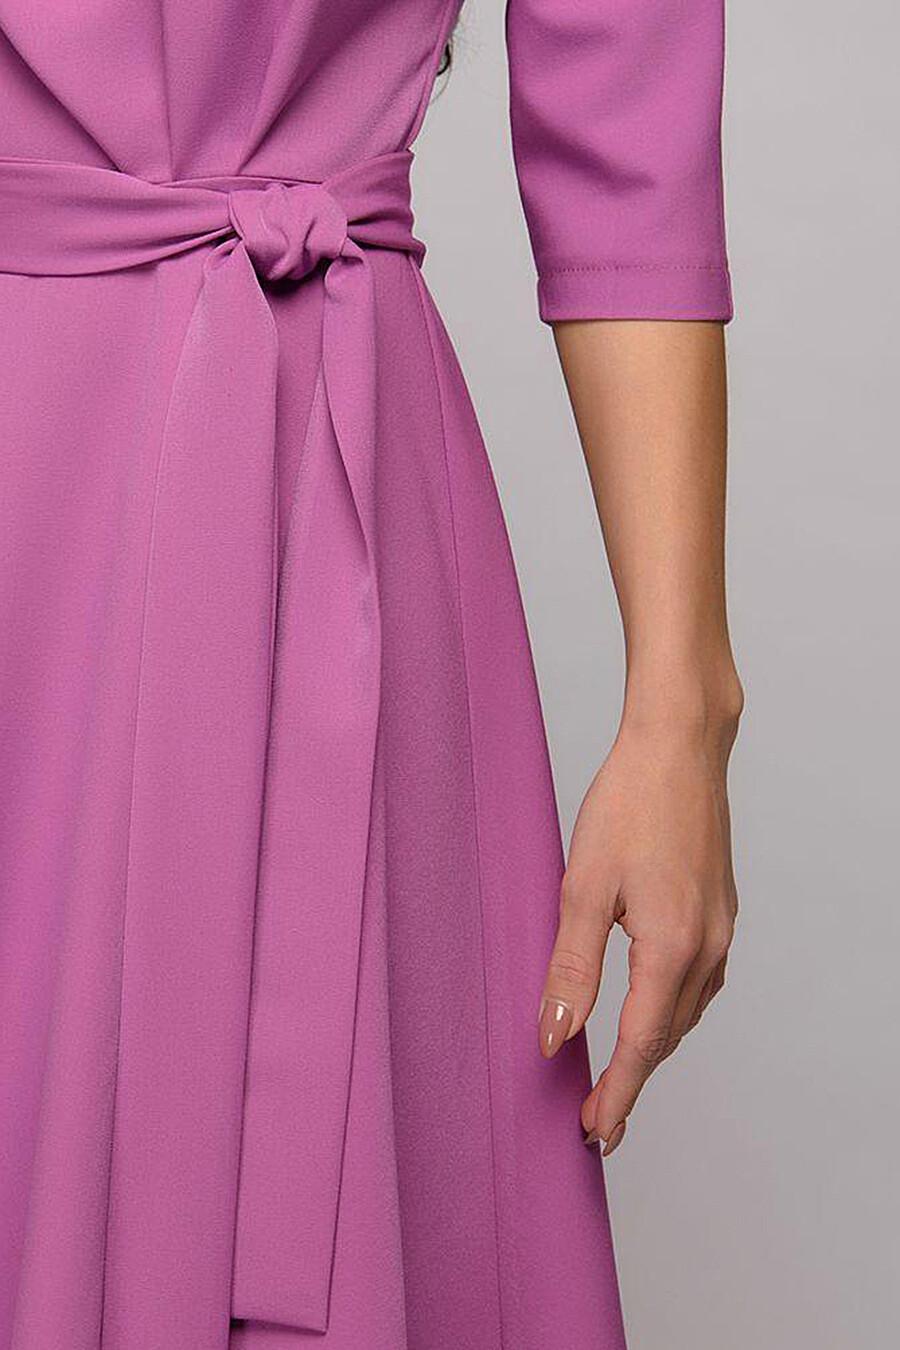 Платье для женщин 1001 DRESS 131550 купить оптом от производителя. Совместная покупка женской одежды в OptMoyo